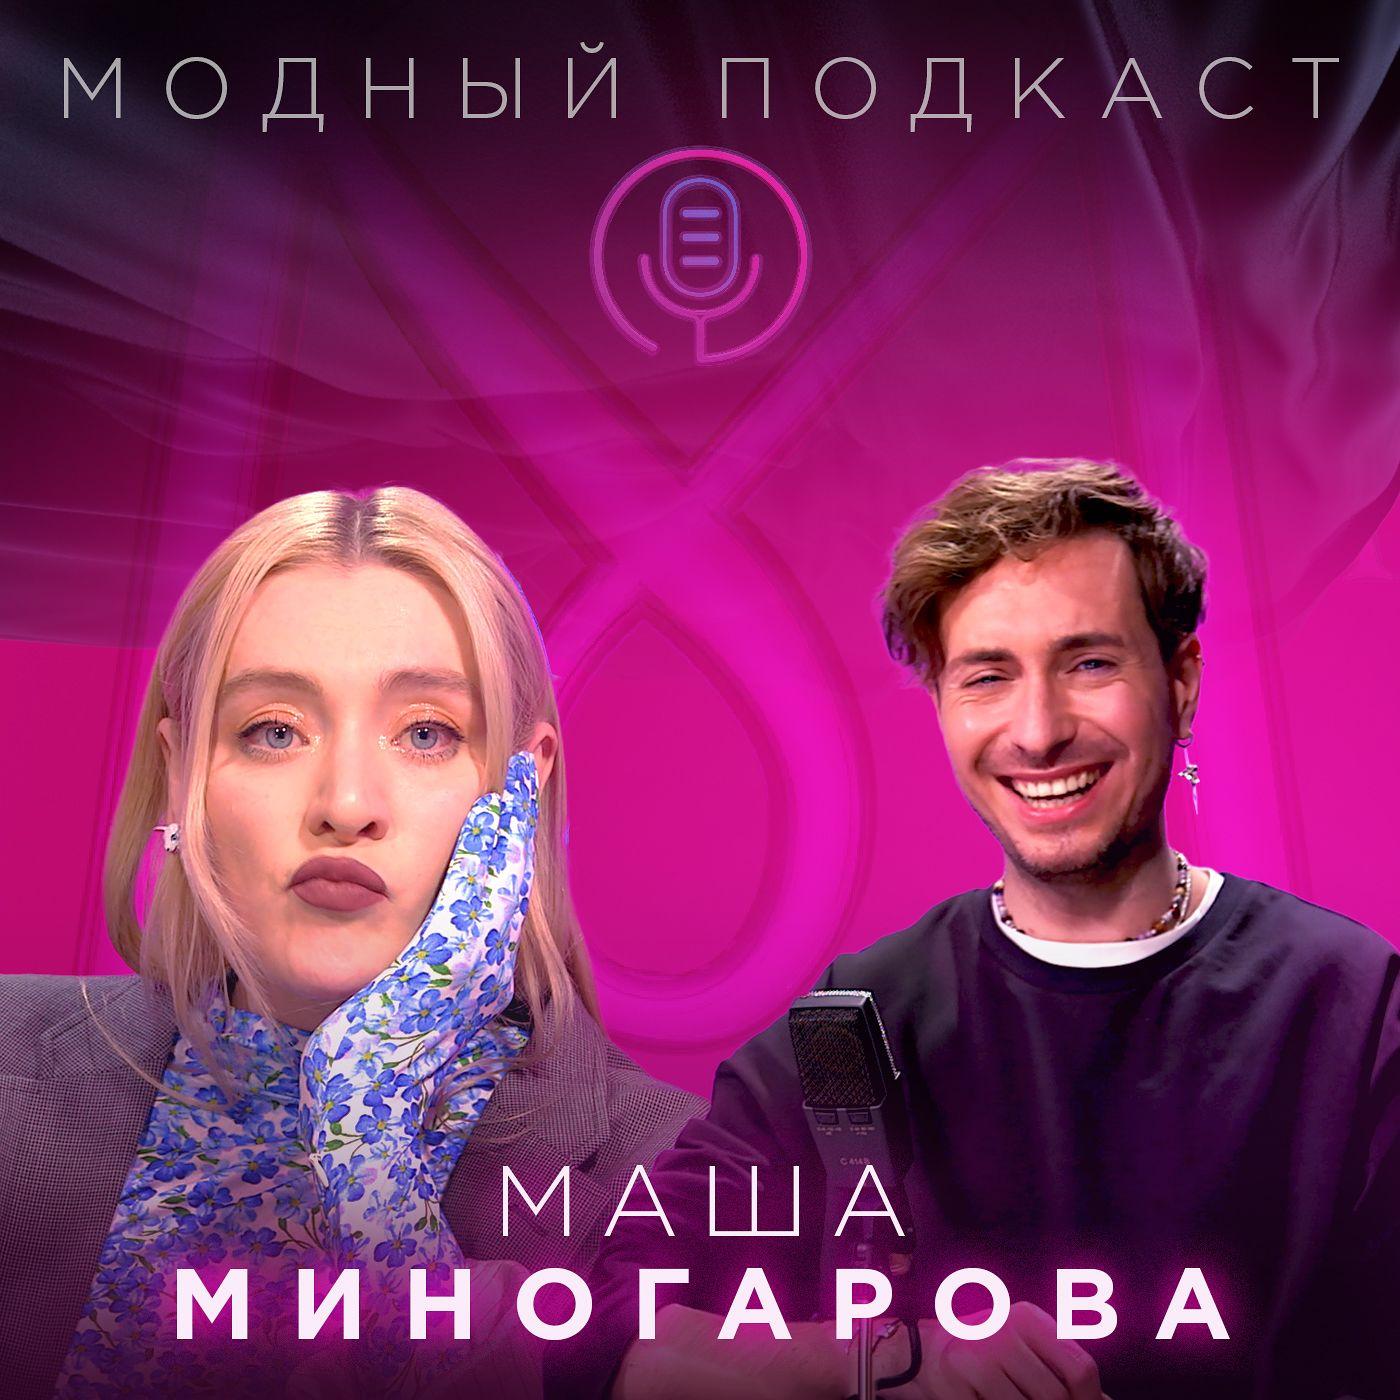 Маша Миногарова: позавчера, сегодня, завтра и 5 минут спустя